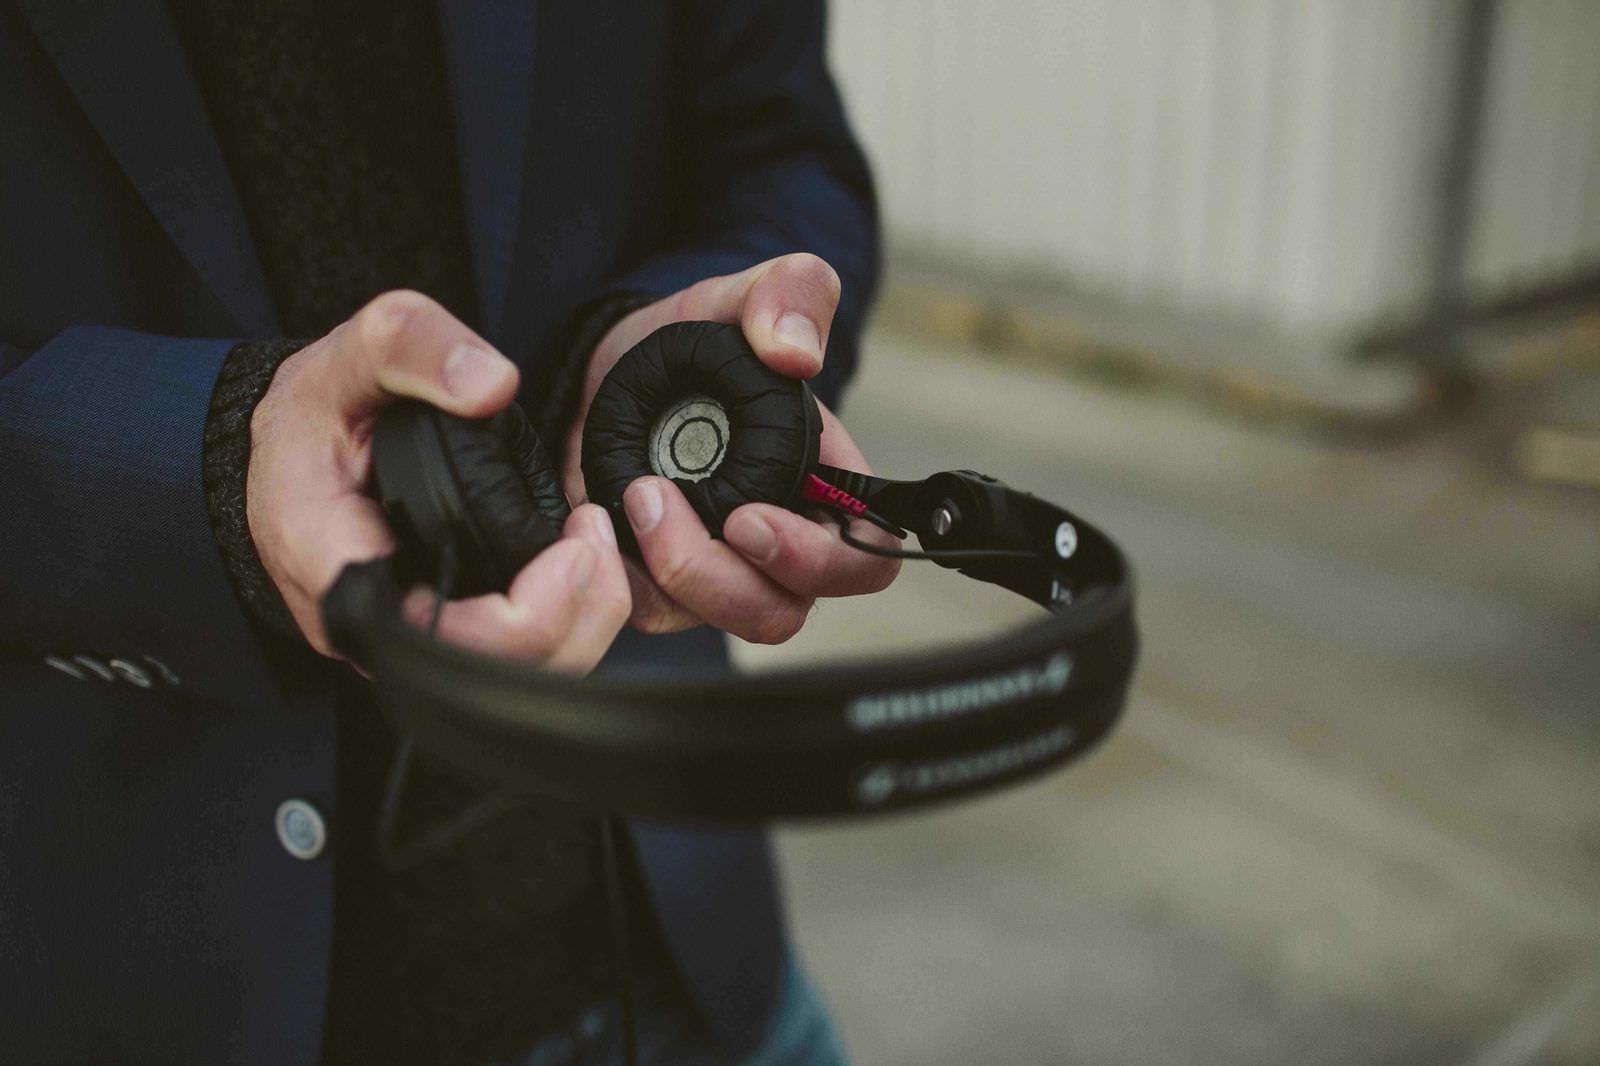 Hochzeits und Event DJ Markus Rosenbaum mit Kopfhörer in der Hand